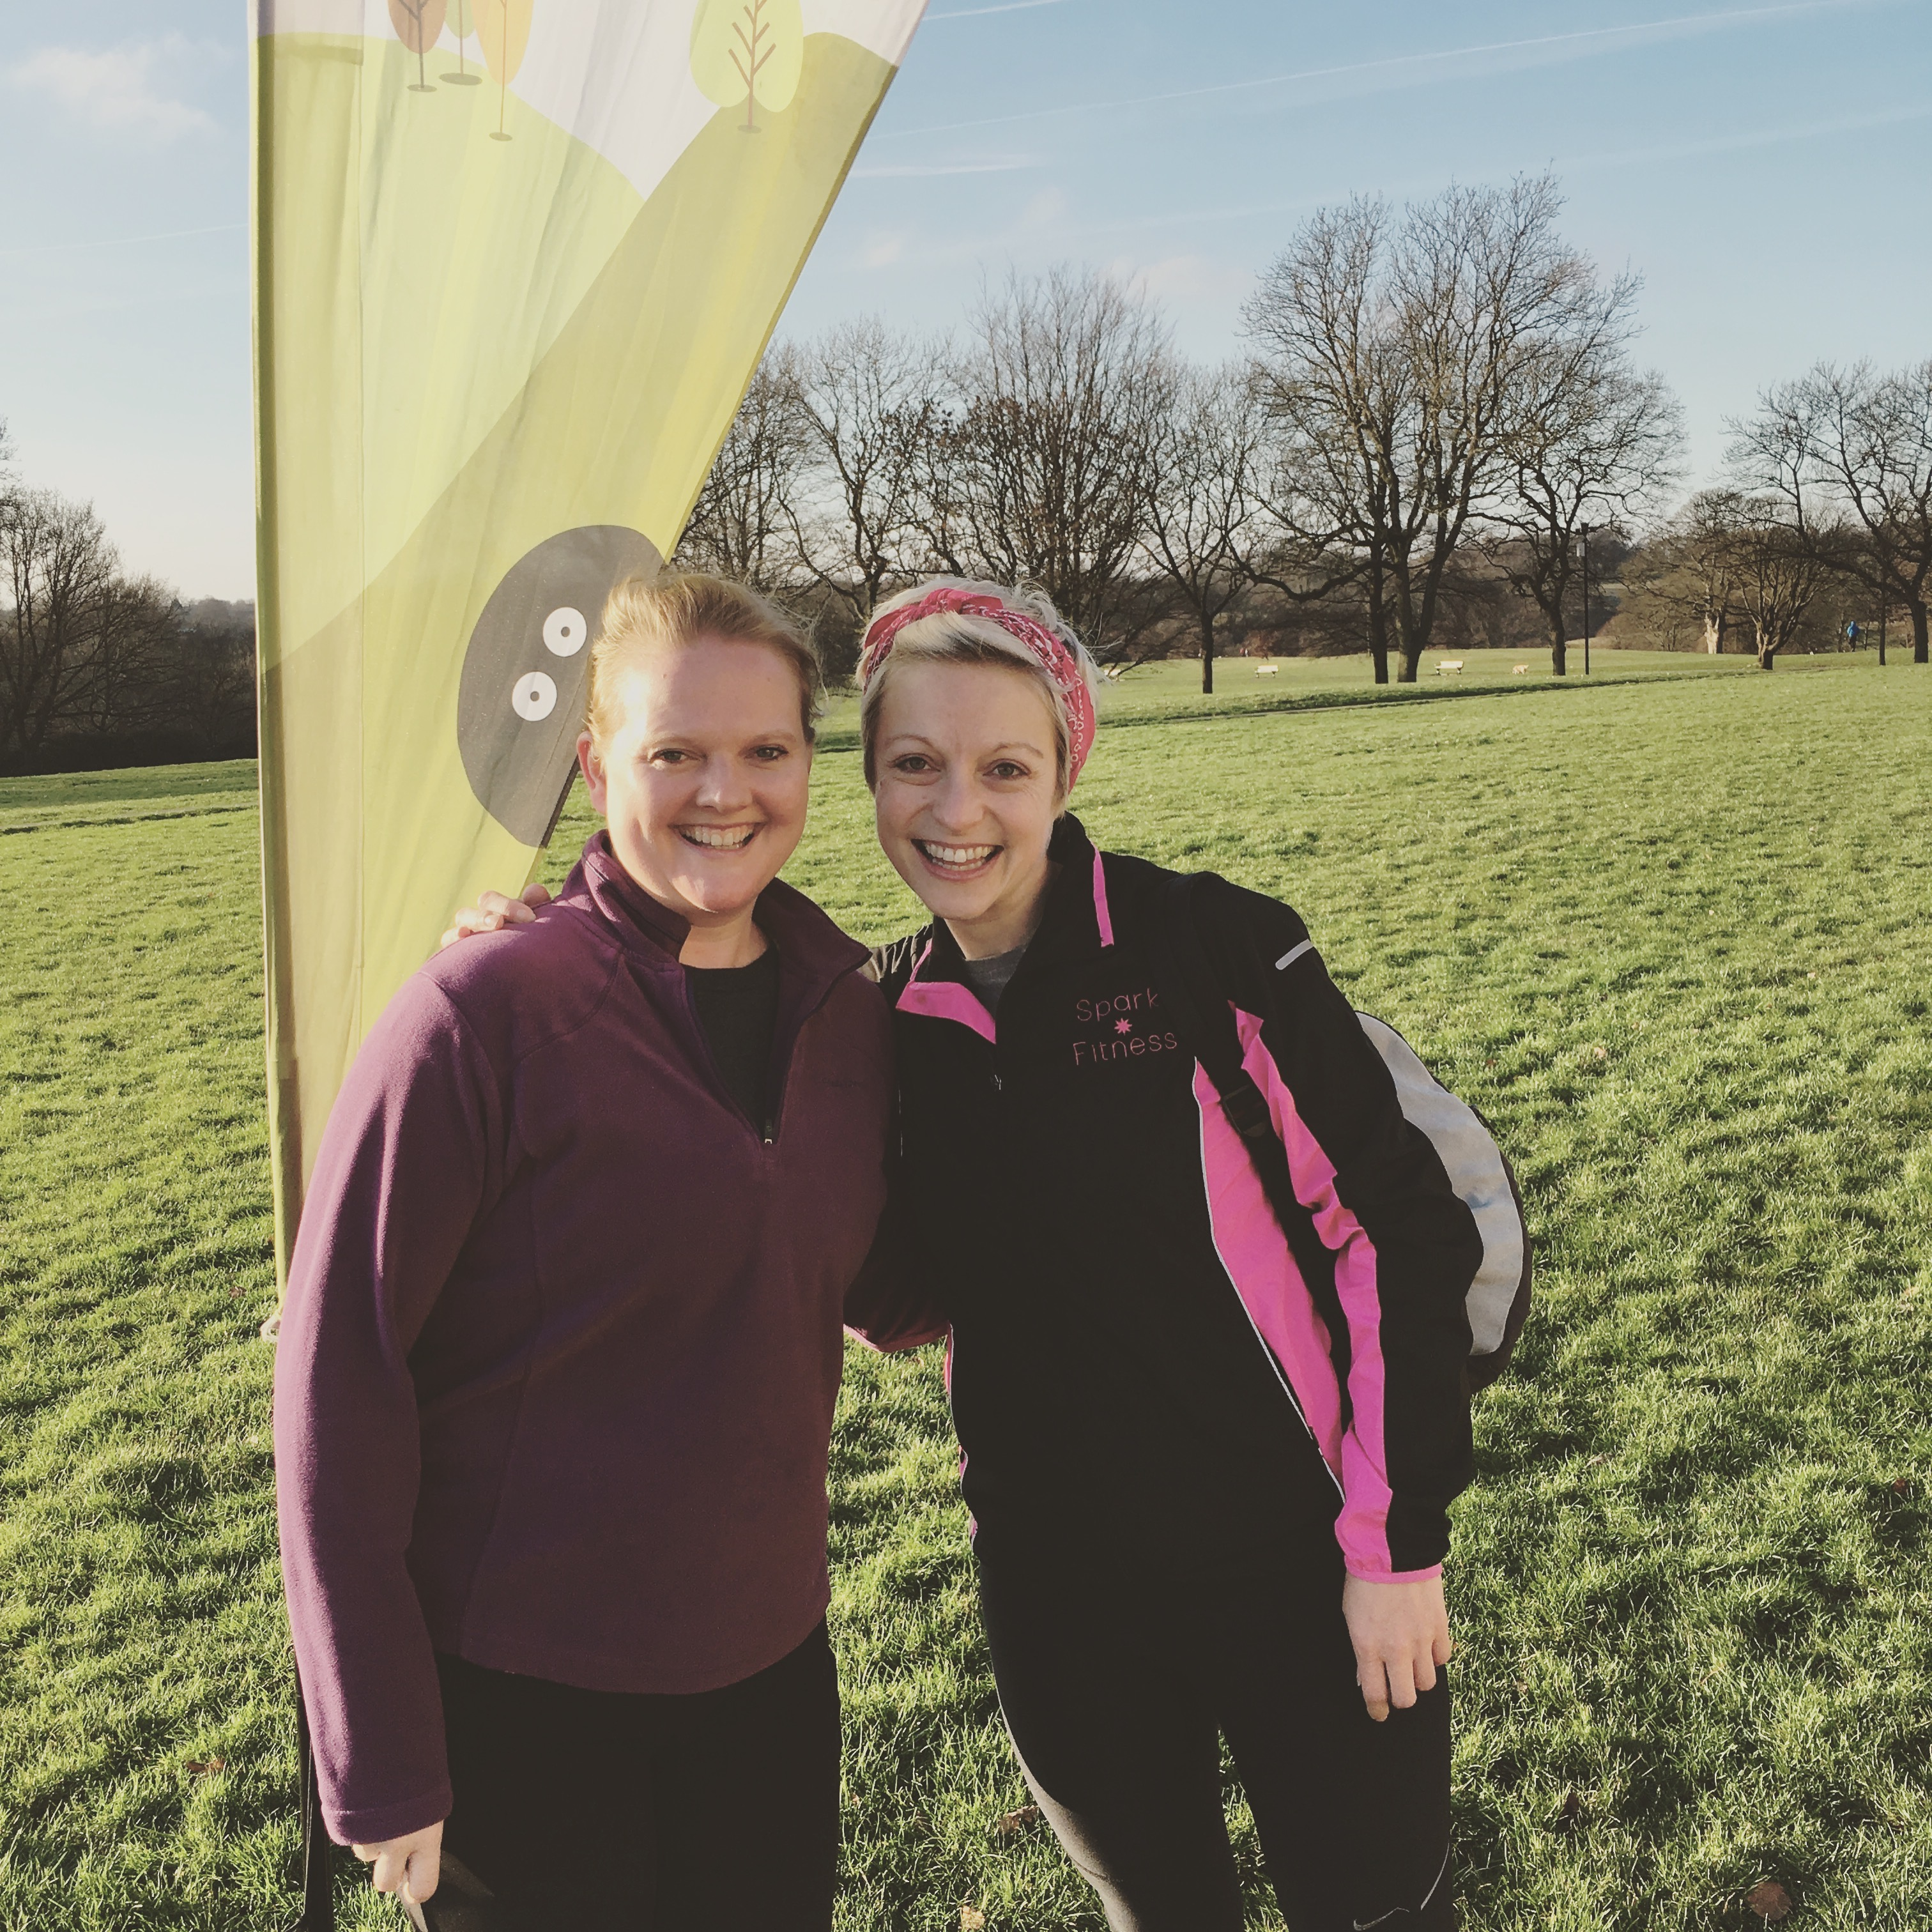 Katie & Maggie at Park Run